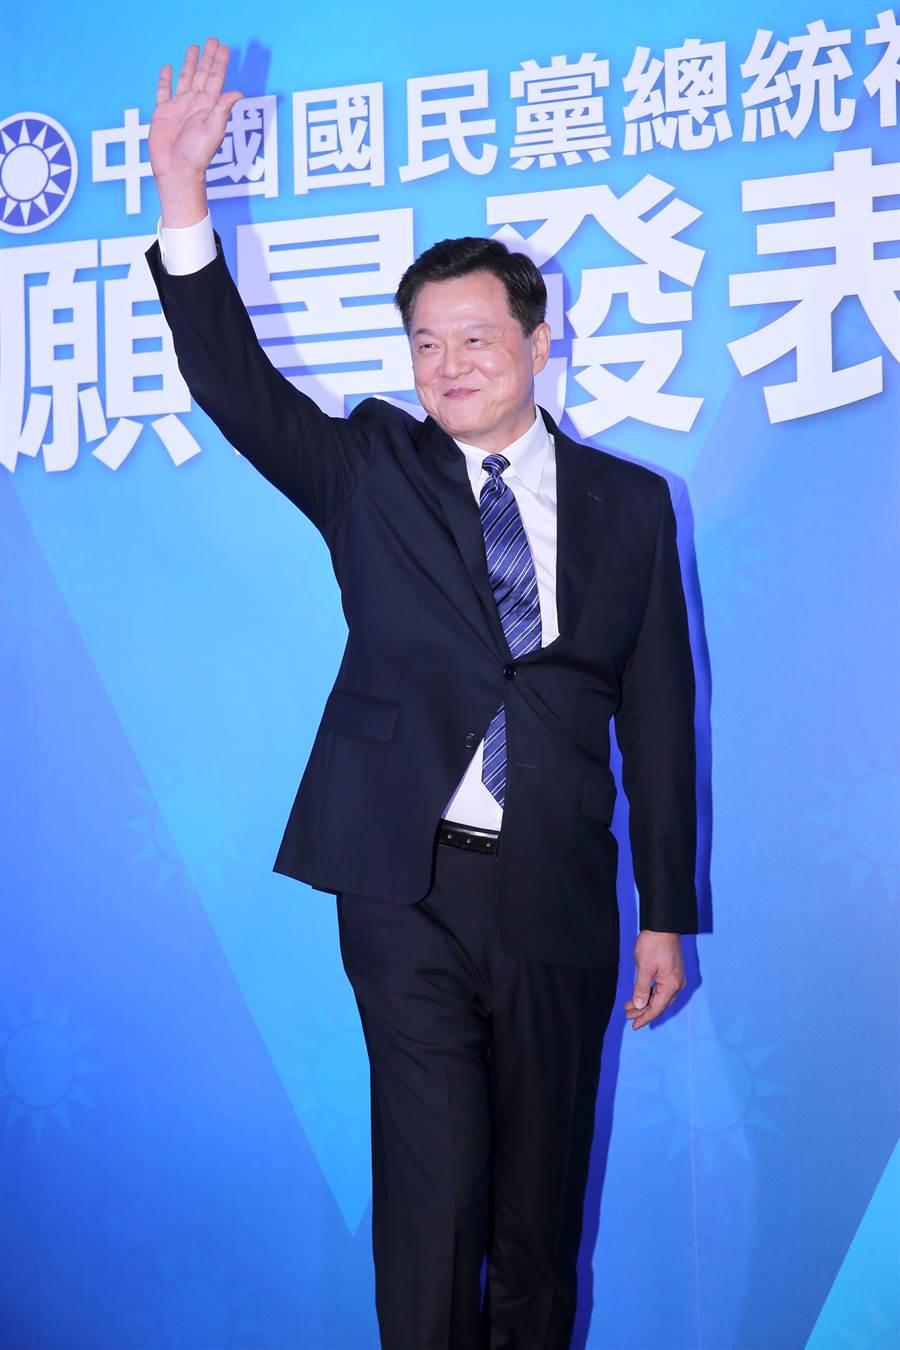 前台北縣長周錫瑋3日出席國民黨總統初選第3場國政願景發表會。(黃世麒攝)